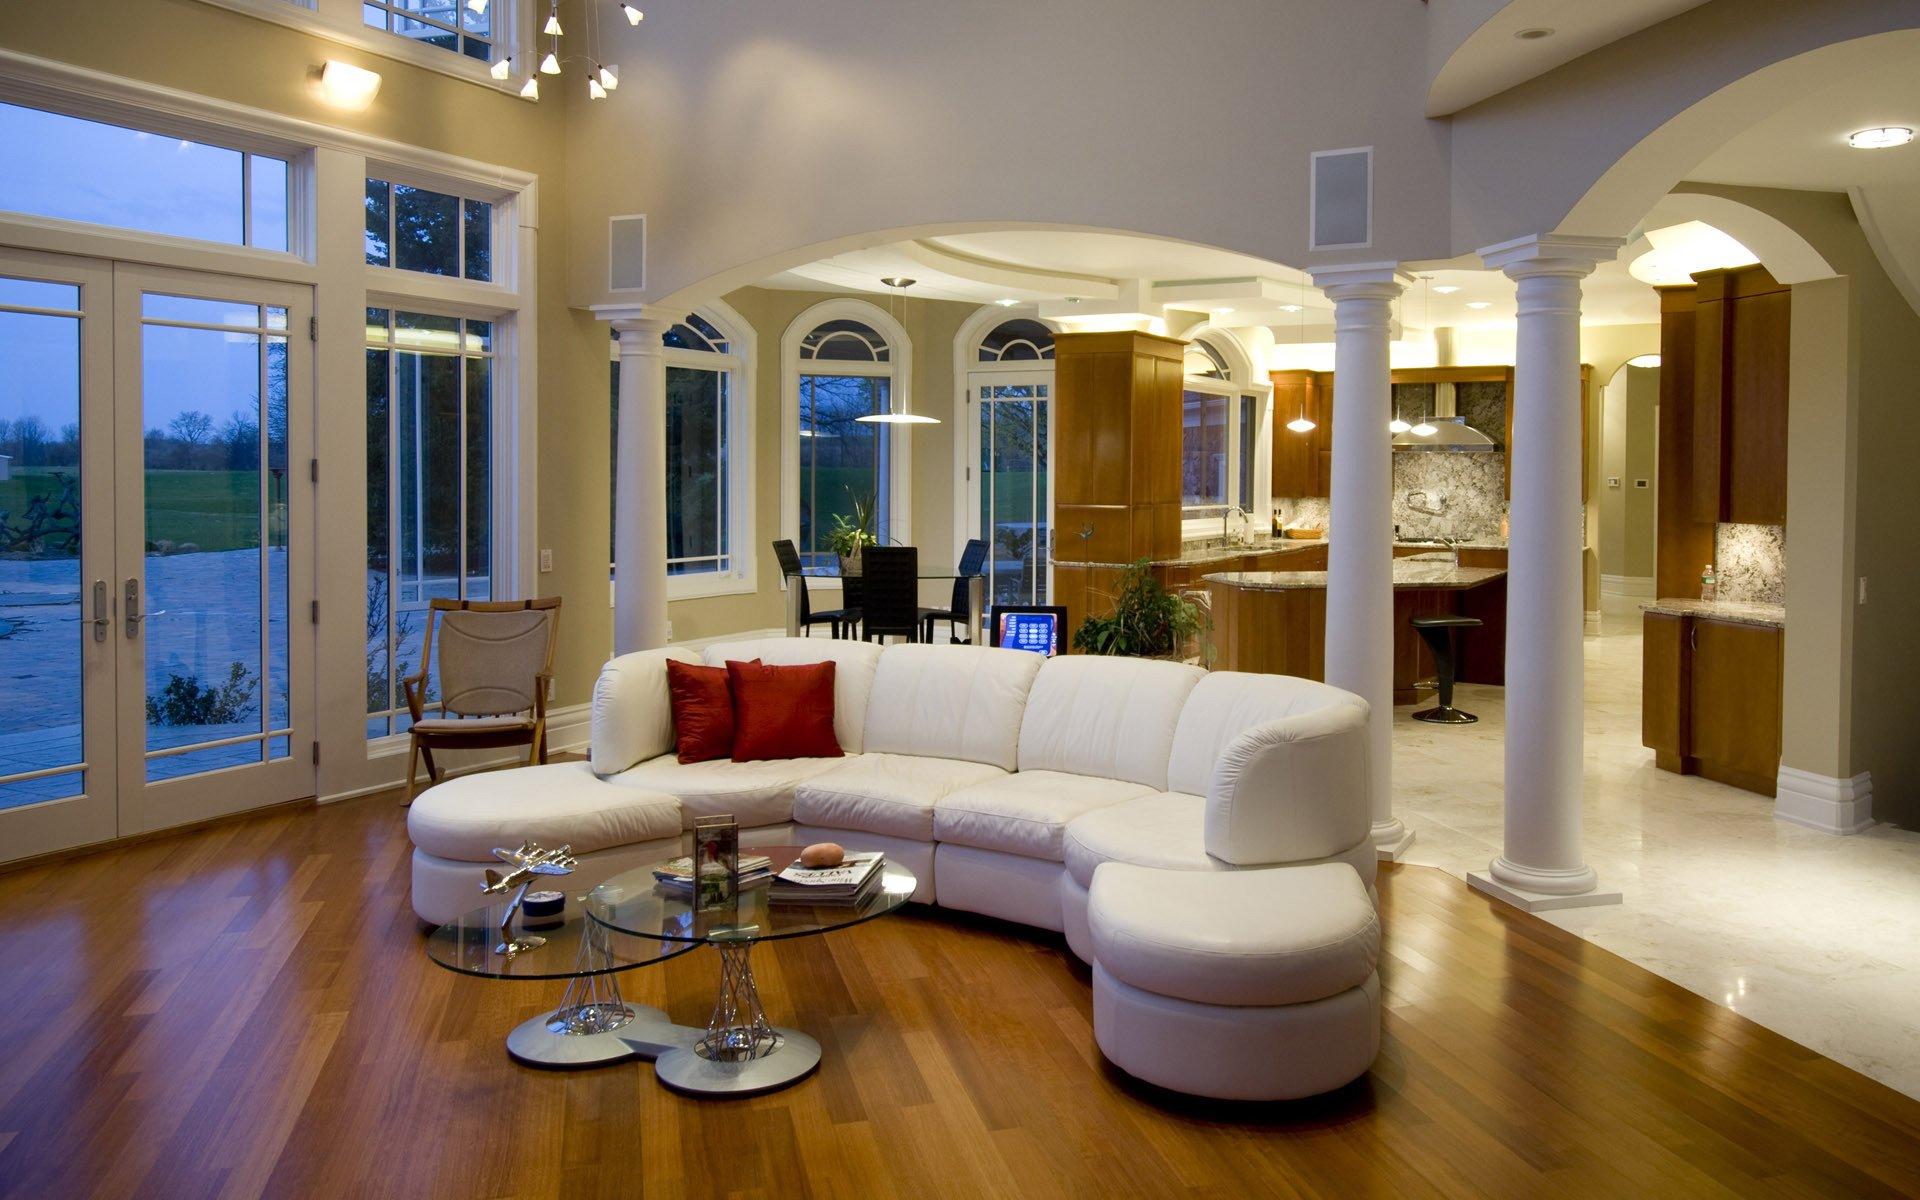 пишу про дизайн квартир внутри фото основу